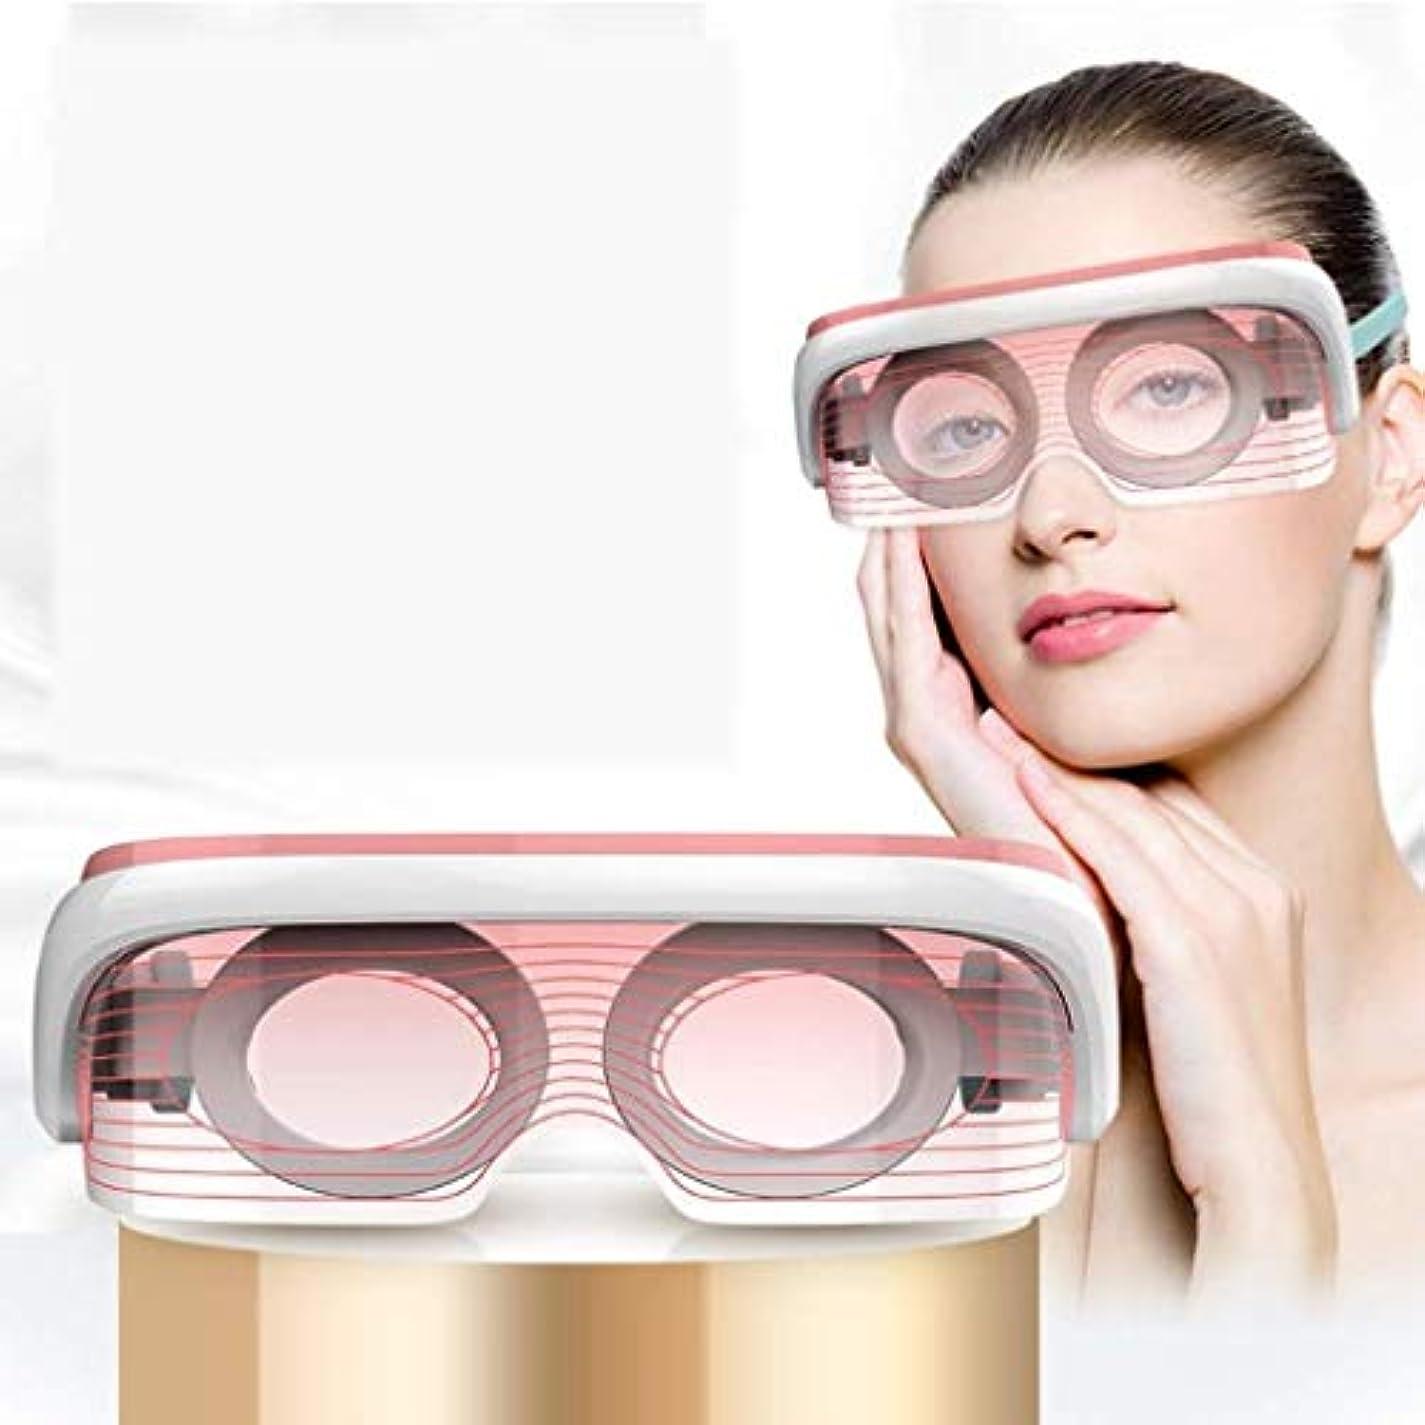 最小化する声を出してコマースUSB充電アイマッサージャー、疲労アイメーターの軽減、一定温度ホットコンプレッションフォトセラピービューティーアイマスク、フォトンスペクトルアイ保護機器